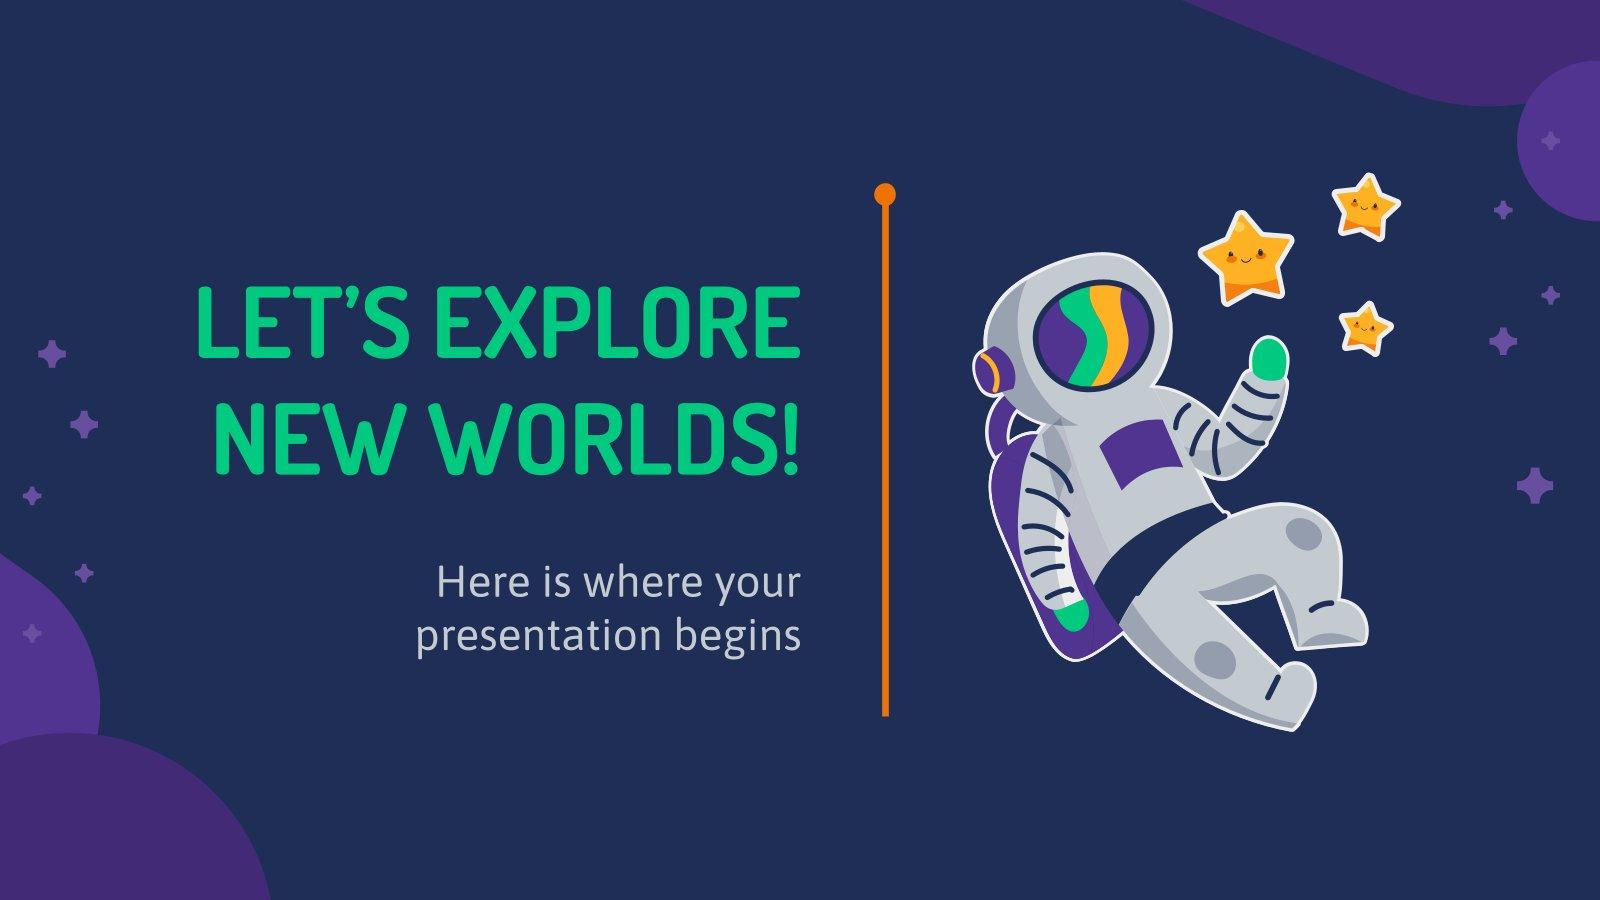 Modelo de apresentação Vamos explorar novos mundos